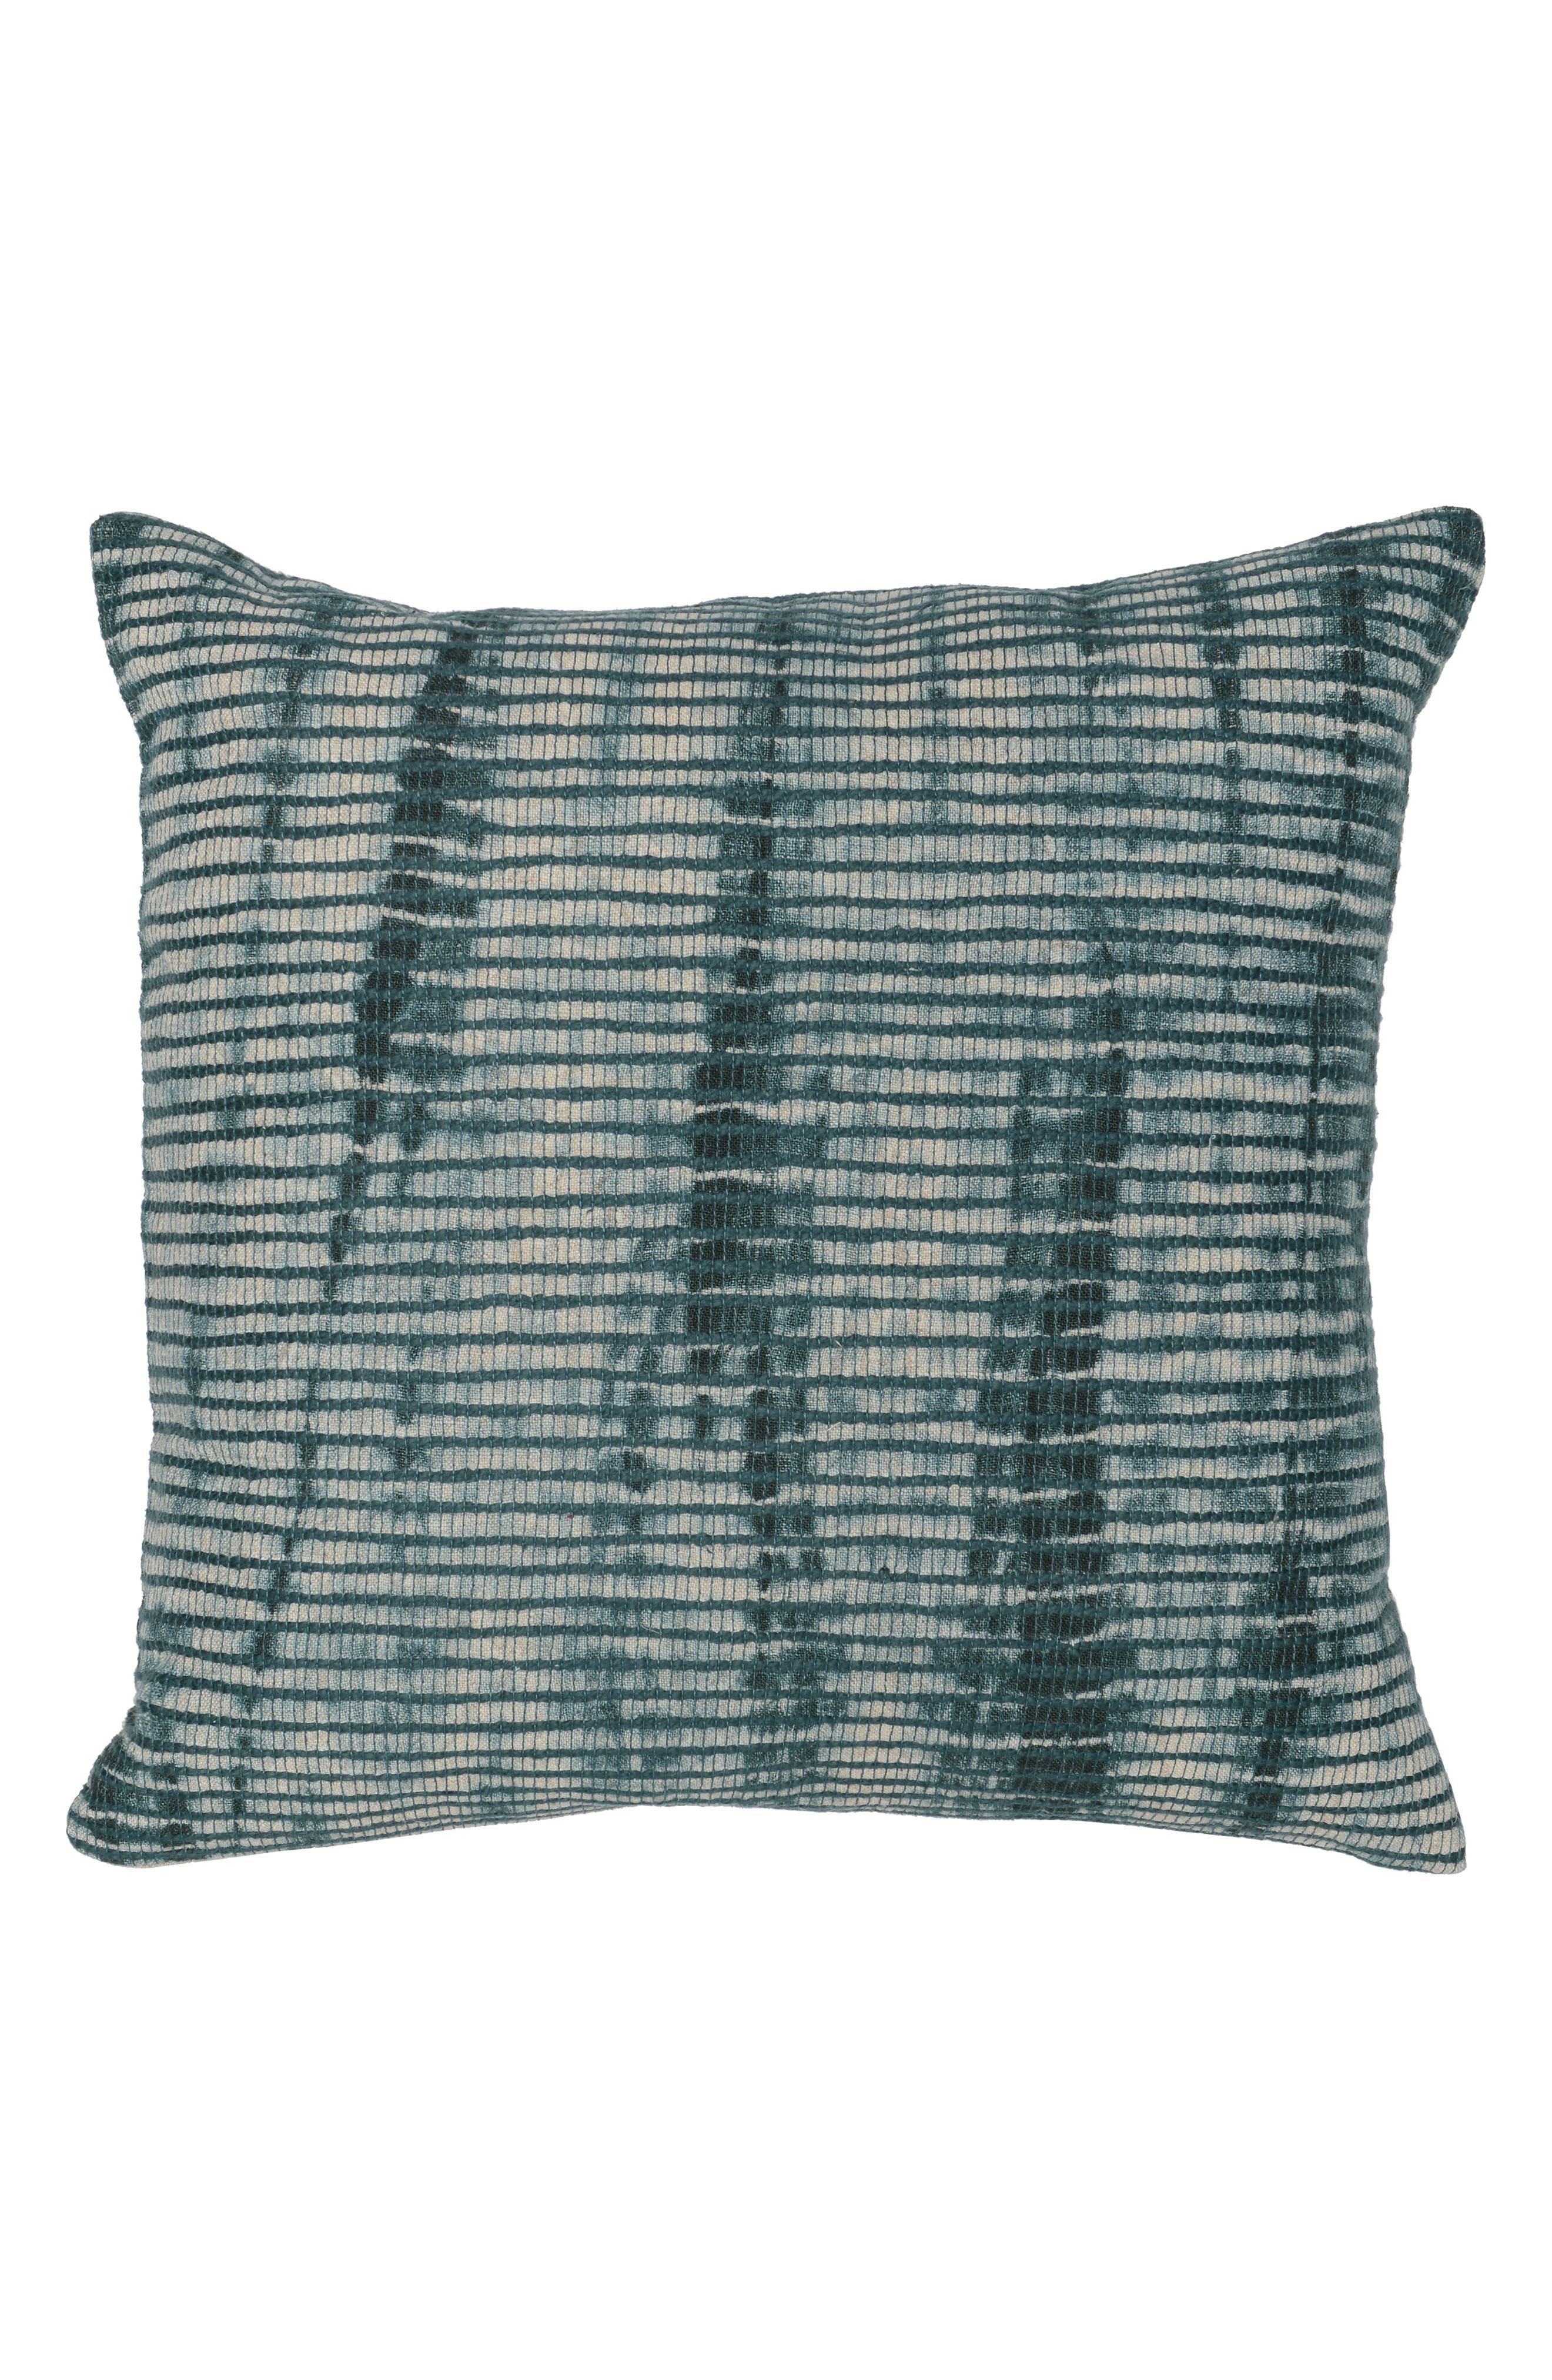 Villa Home Collection Marni Pillow